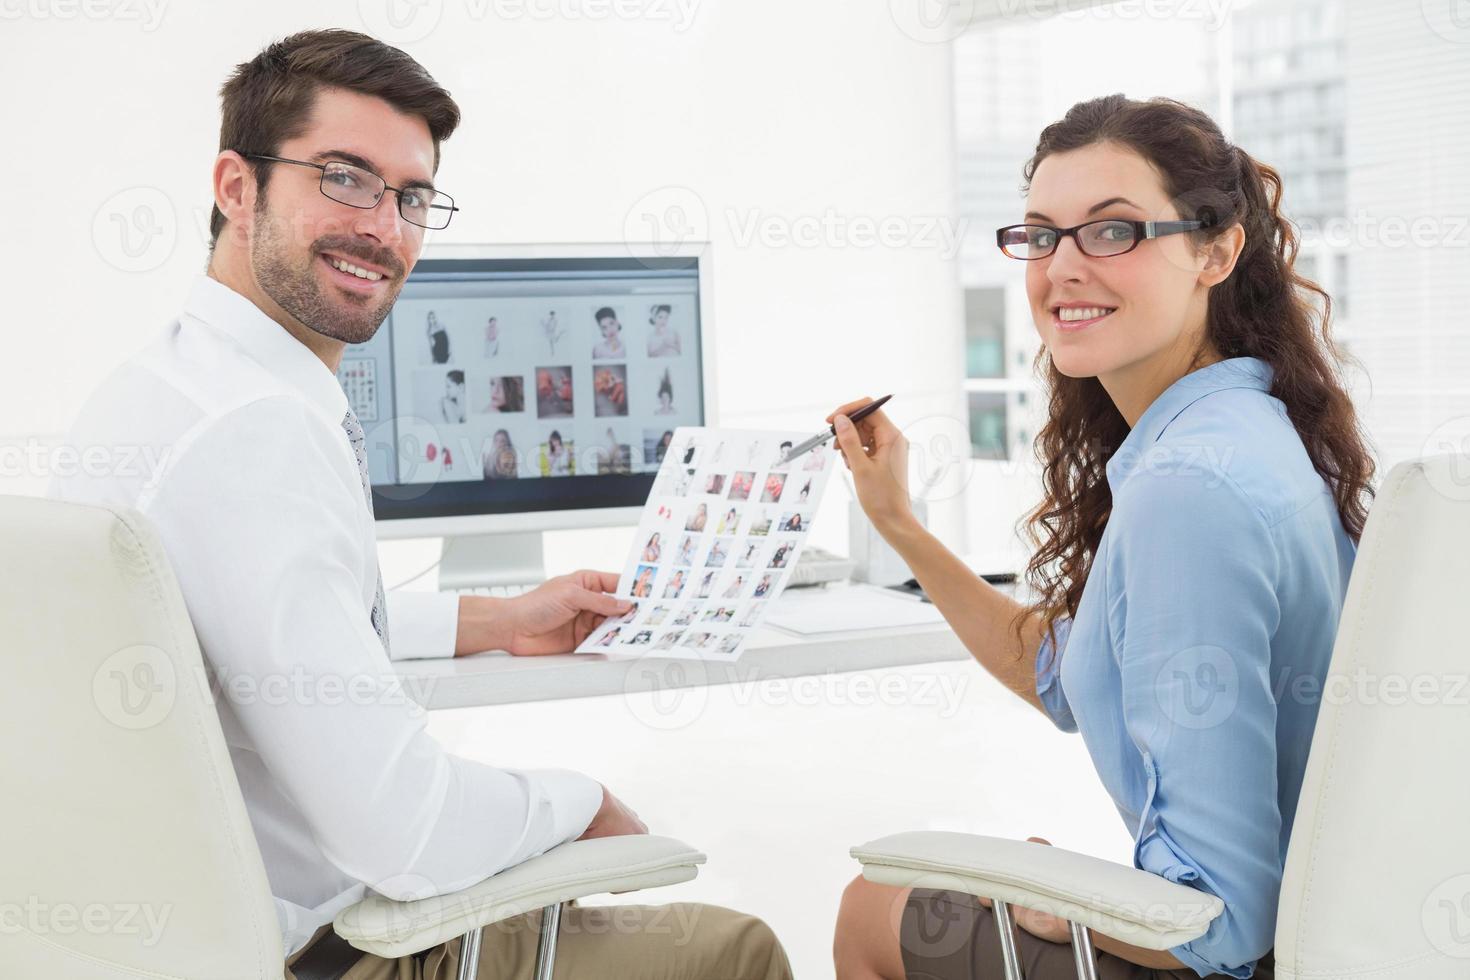 colegas sorridentes interagindo juntos sobre fotos